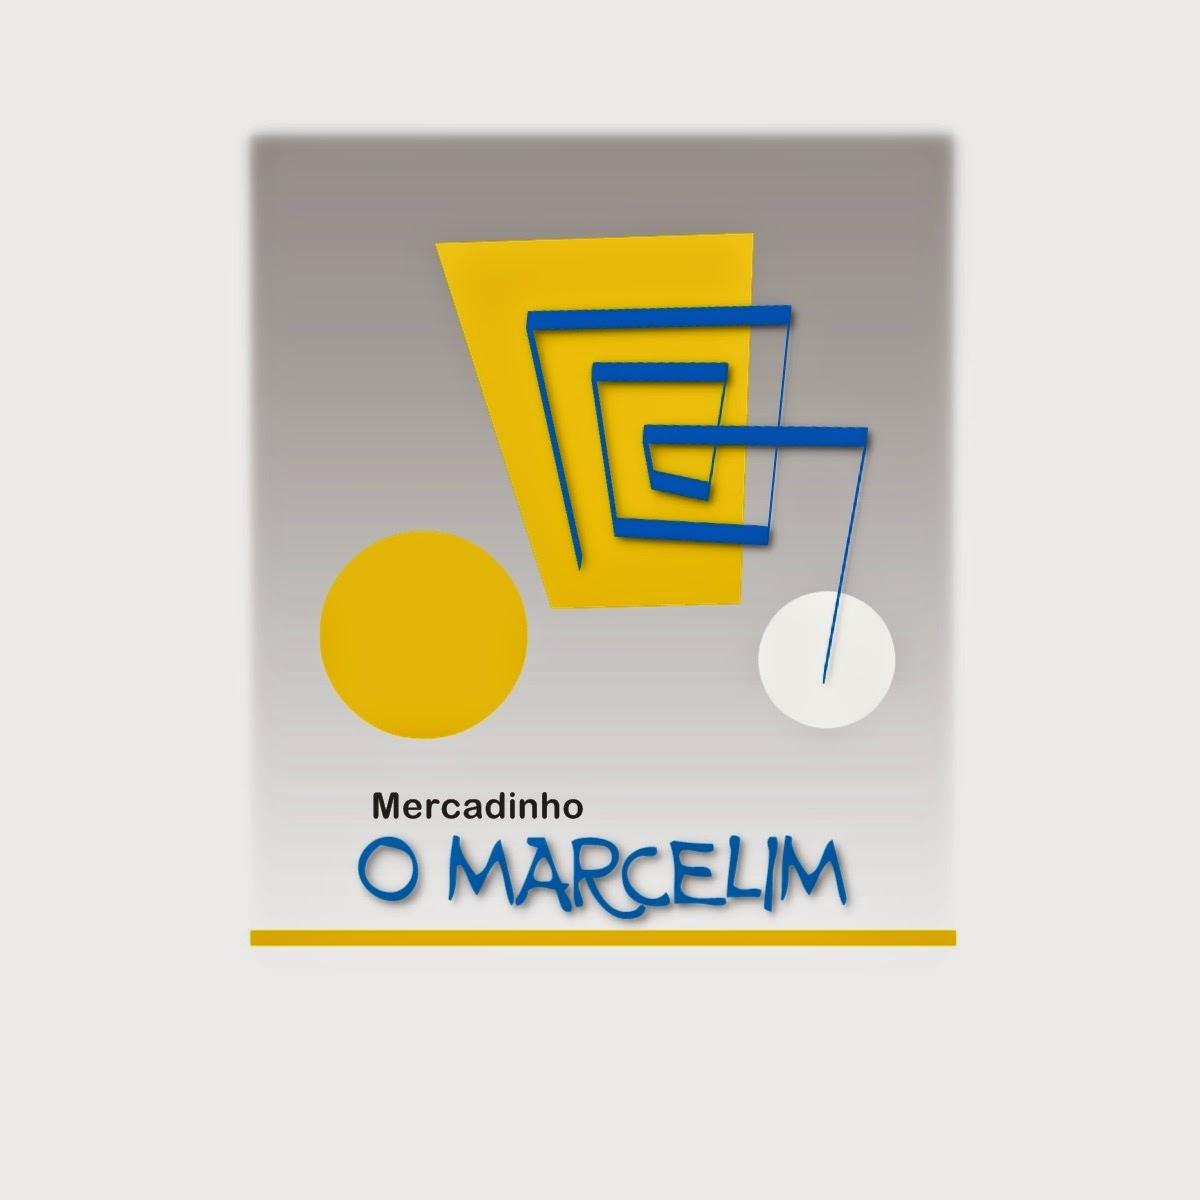 MERCADINHO O MARCELIM